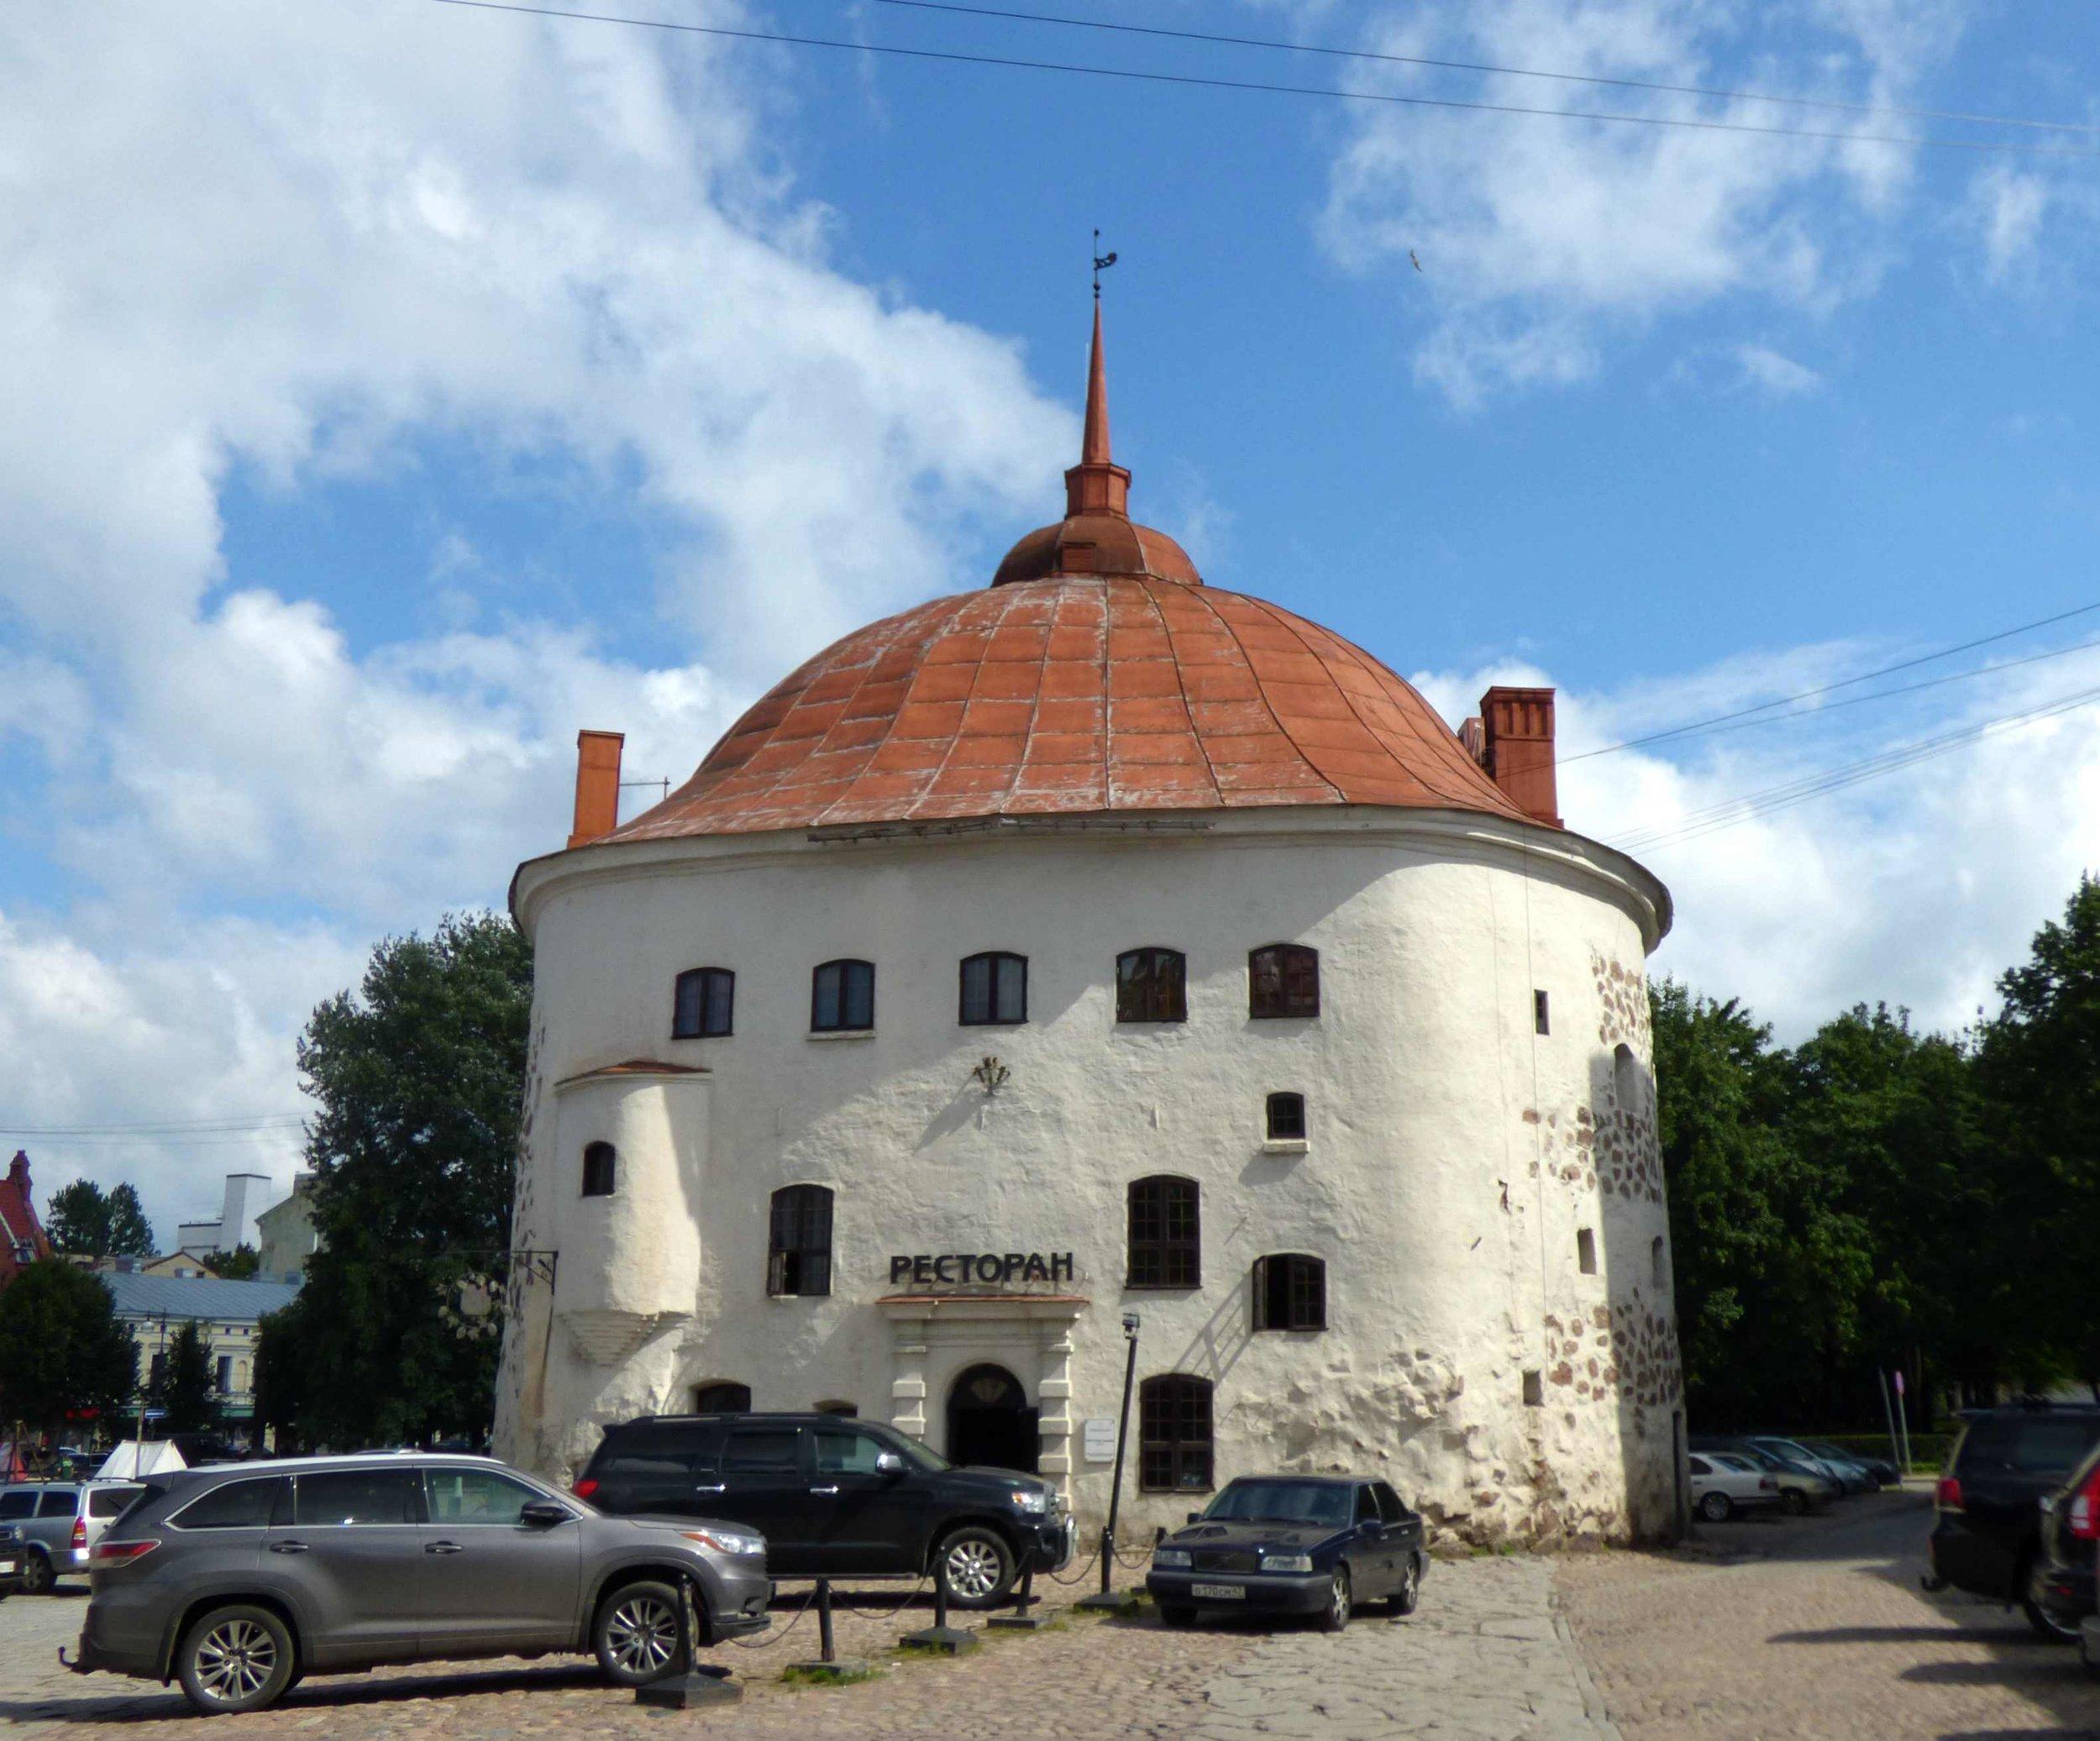 Pyöreä torni on nykyään ravintola, mutta se oli aikanaan osa kaupunginmuuria